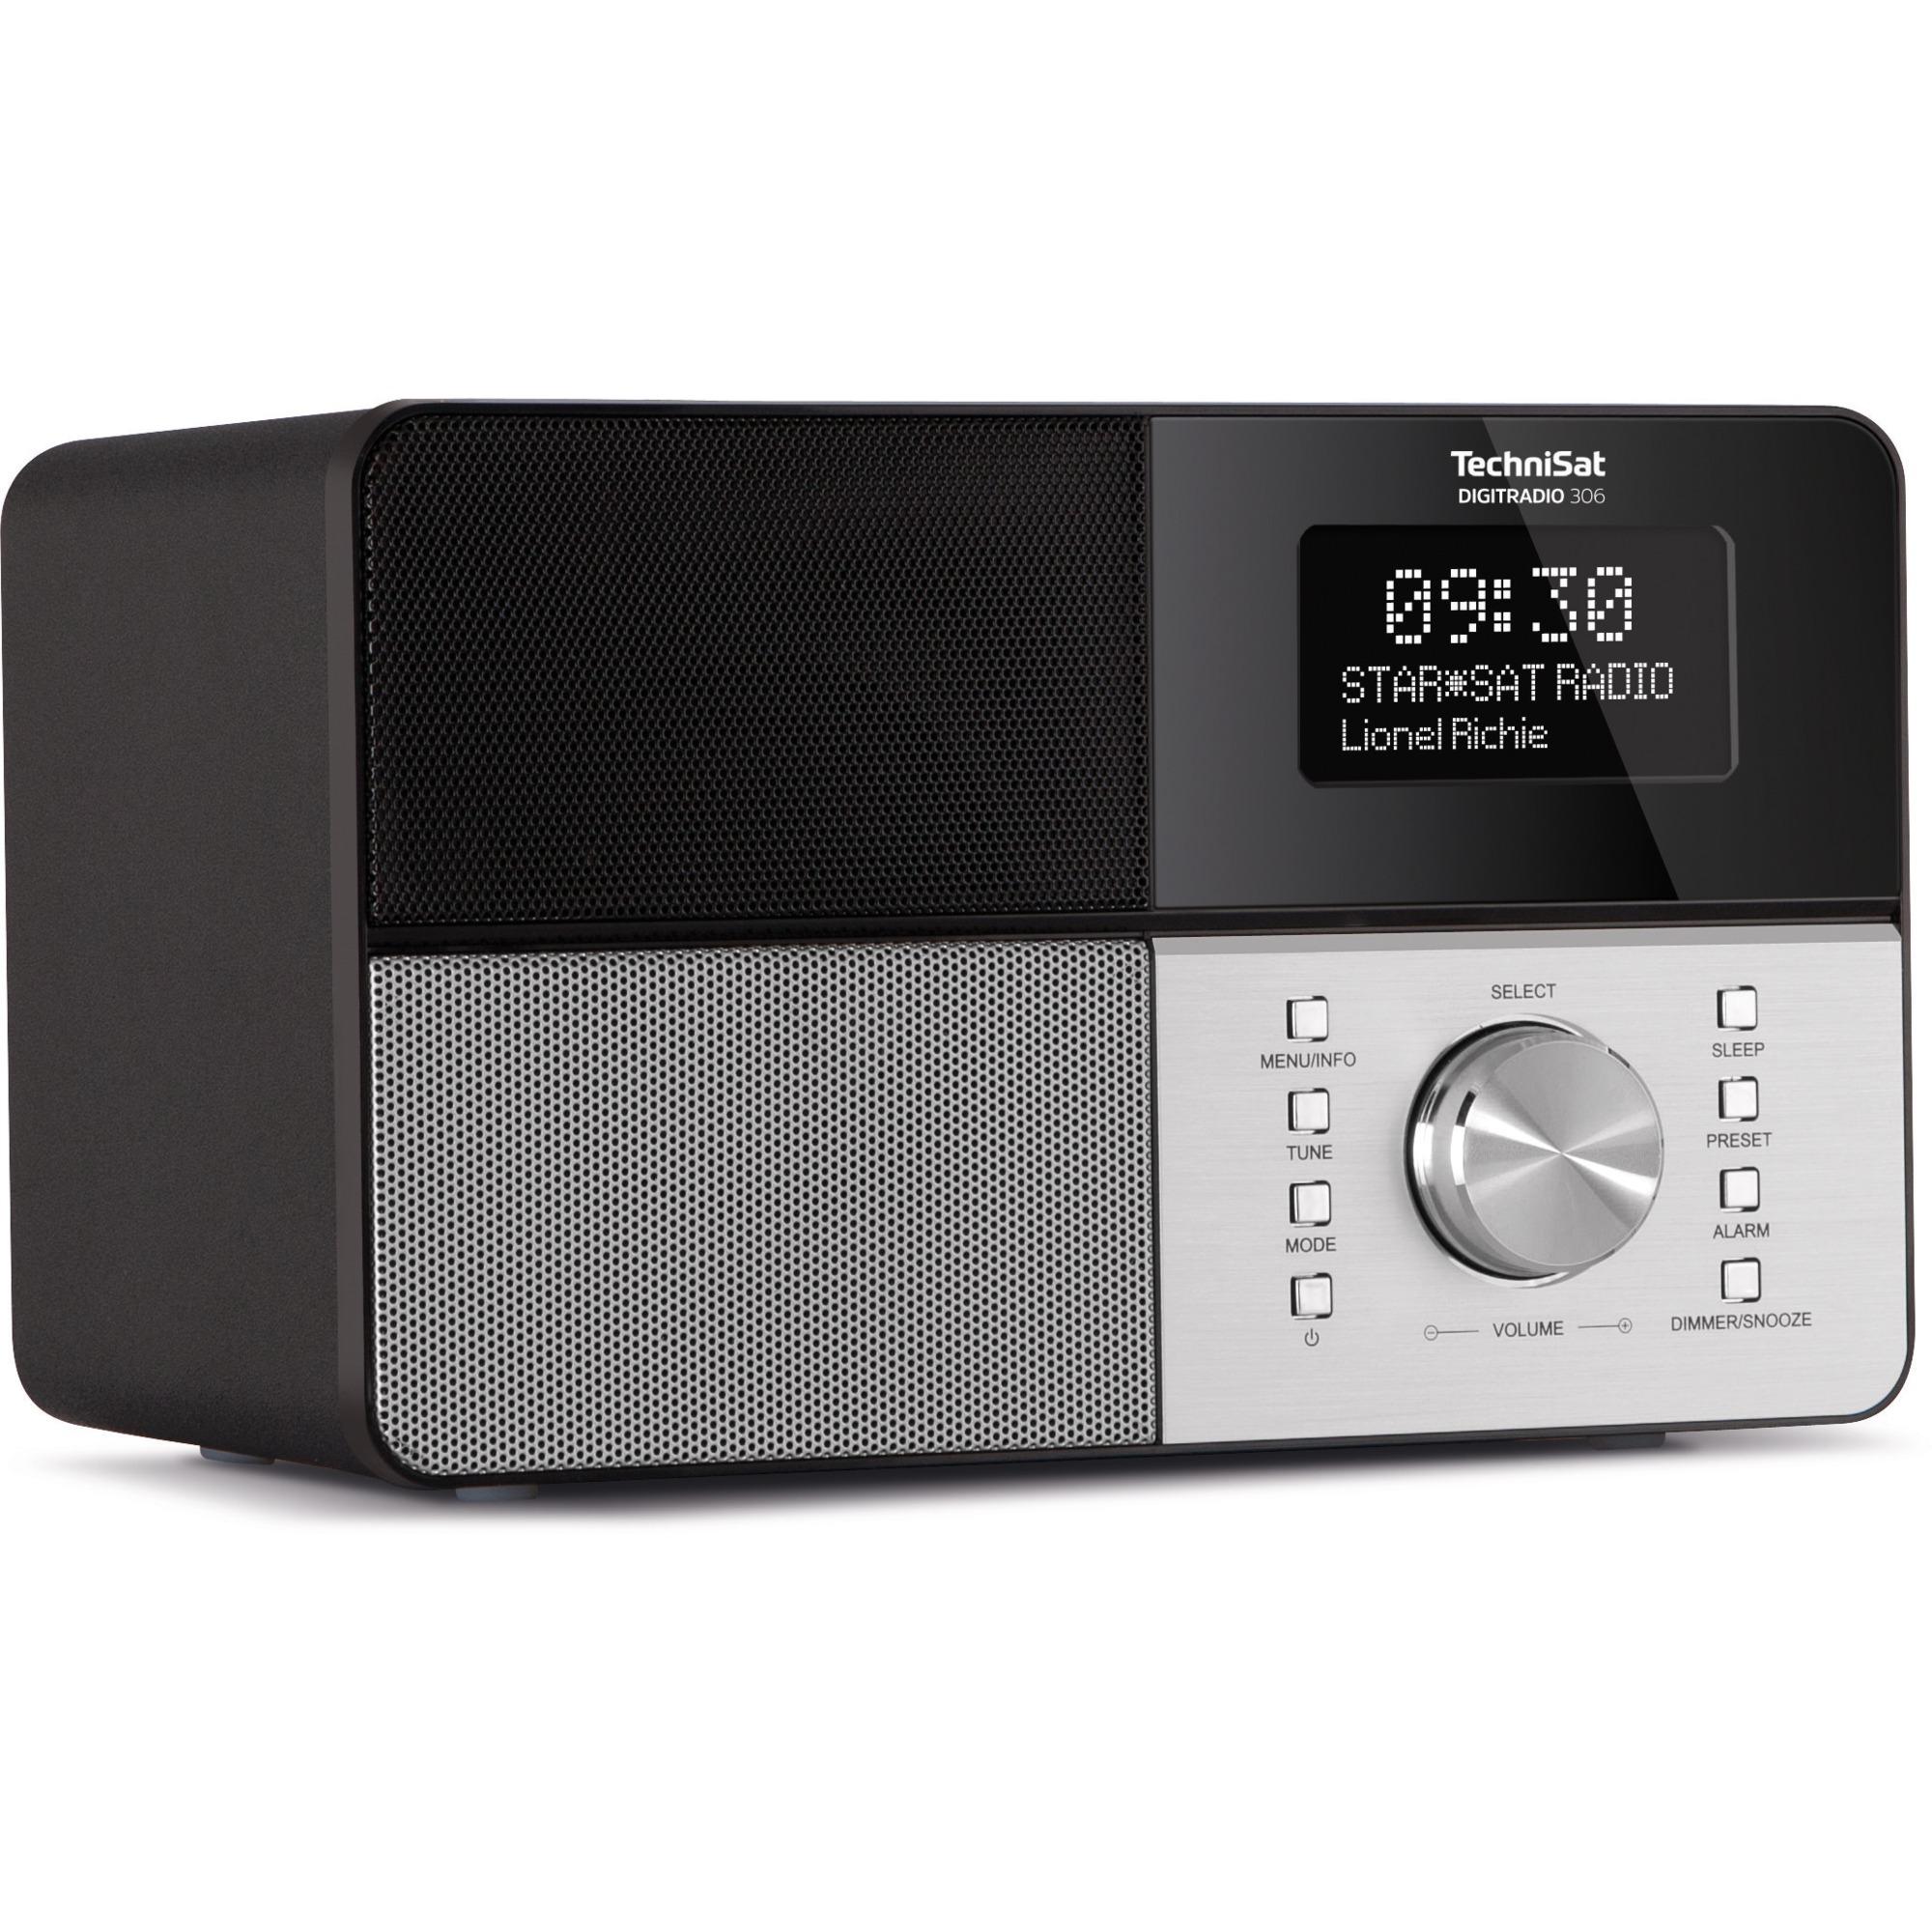 digitradio-306-personligt-analog-digital-sort-solv-radio